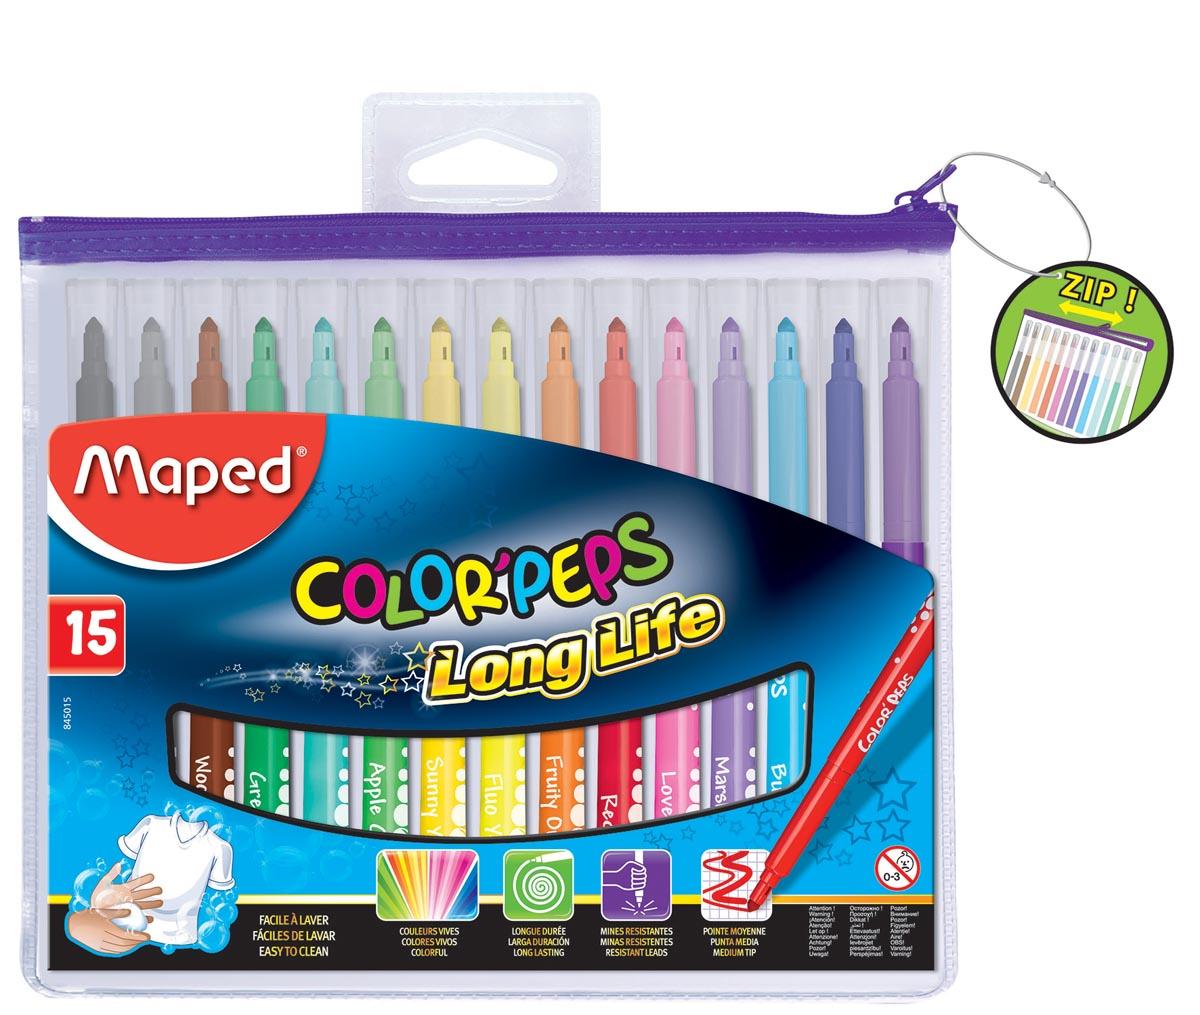 Maped Viltstift ColorPeps Long Life, etui van 15 stuks